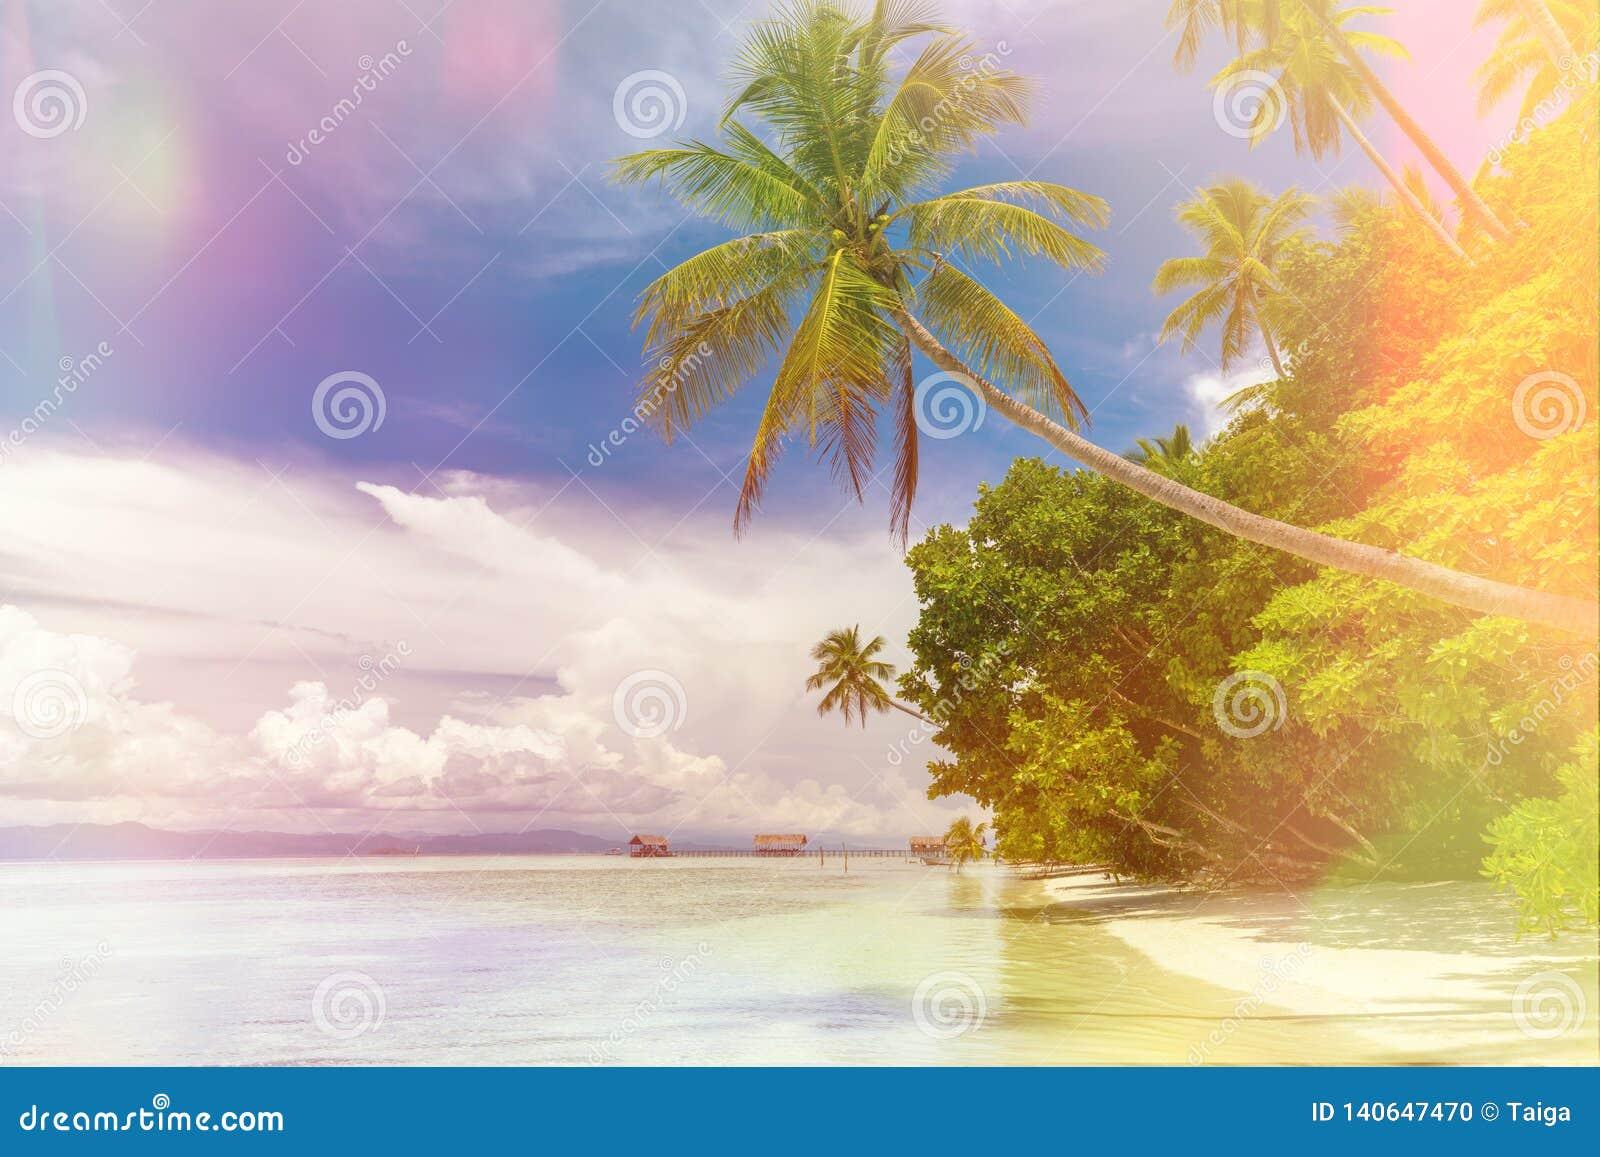 Fundo da ilha de Paradise - paisagem da praia tropical - oceano calmo, palmeiras, céu azul